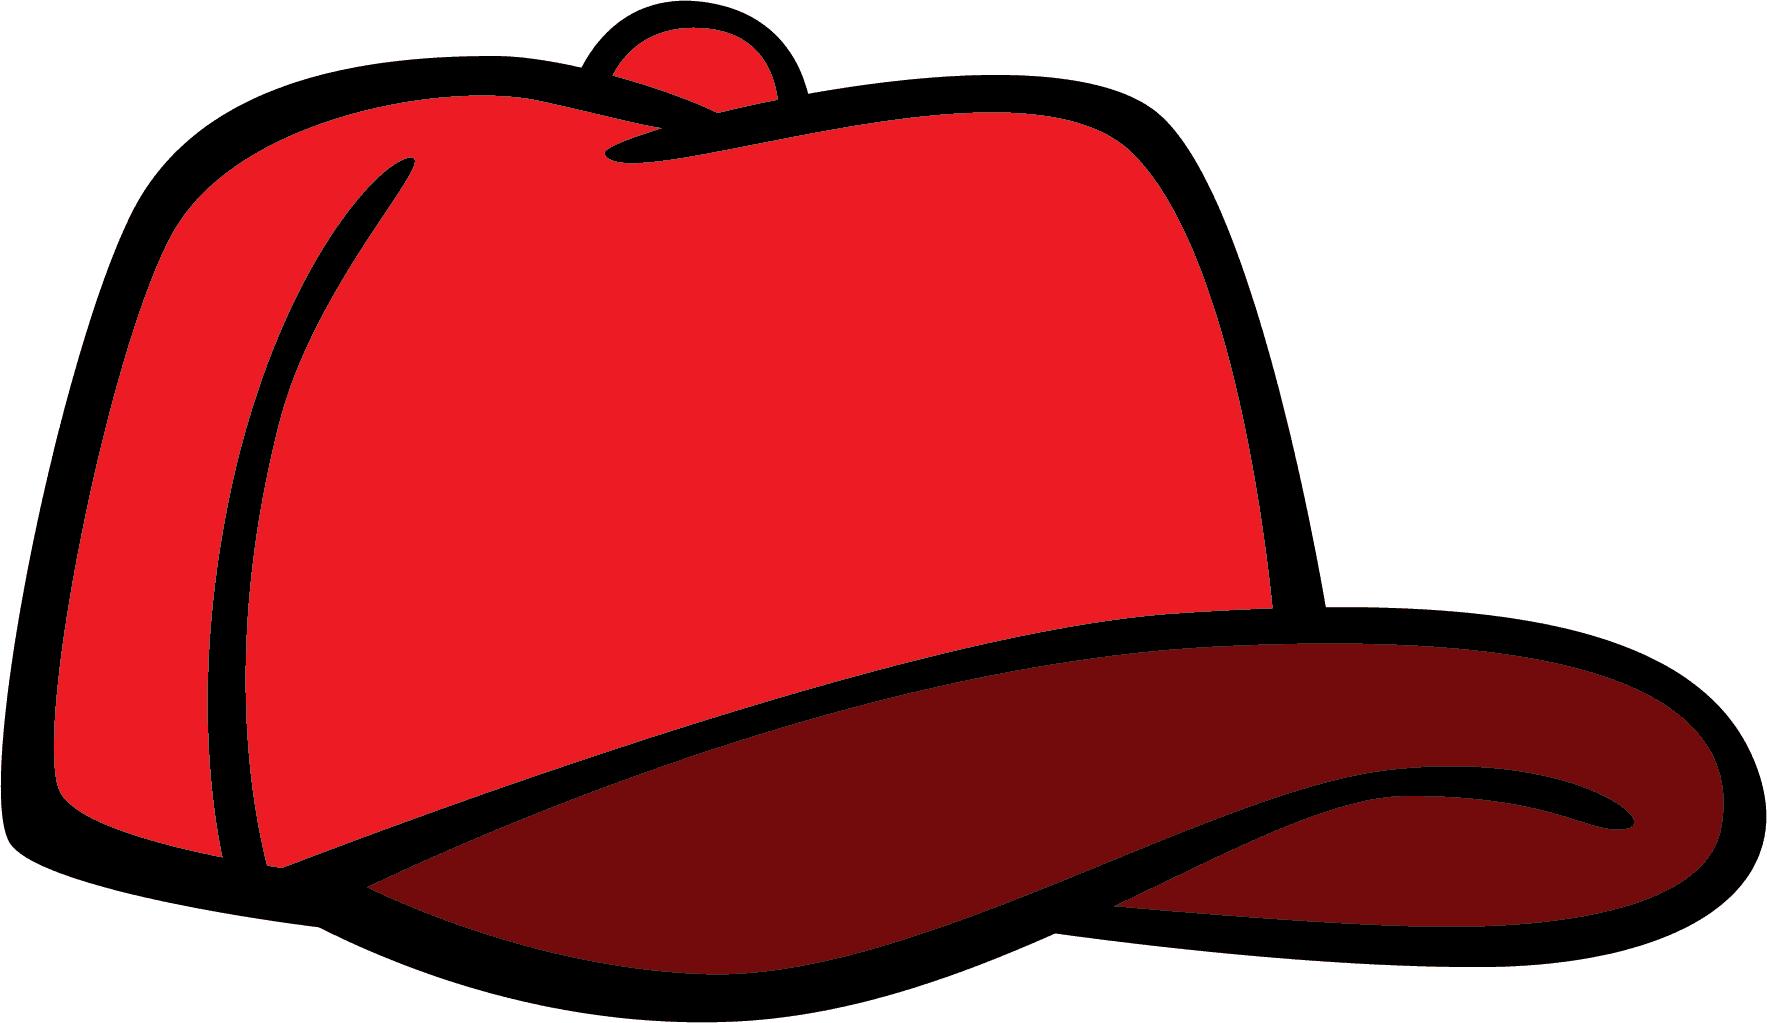 Hat clip art free clipart ima